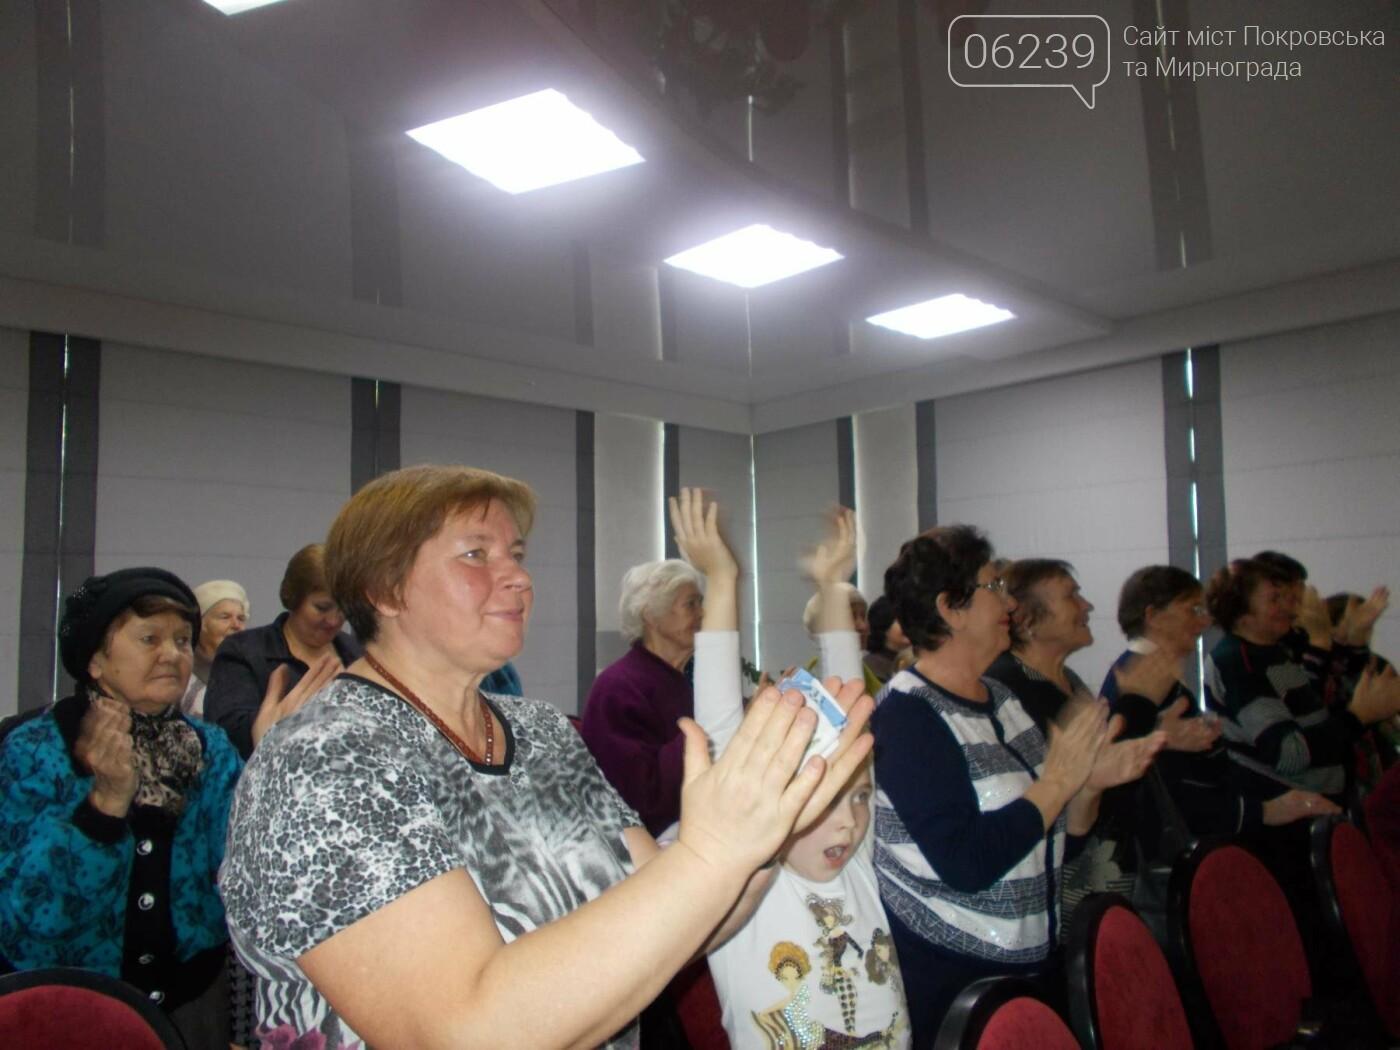 У Покровську в Центральній міській бібліотеці пройшов чудовий захід із циклу лекцій-концертів, фото-2